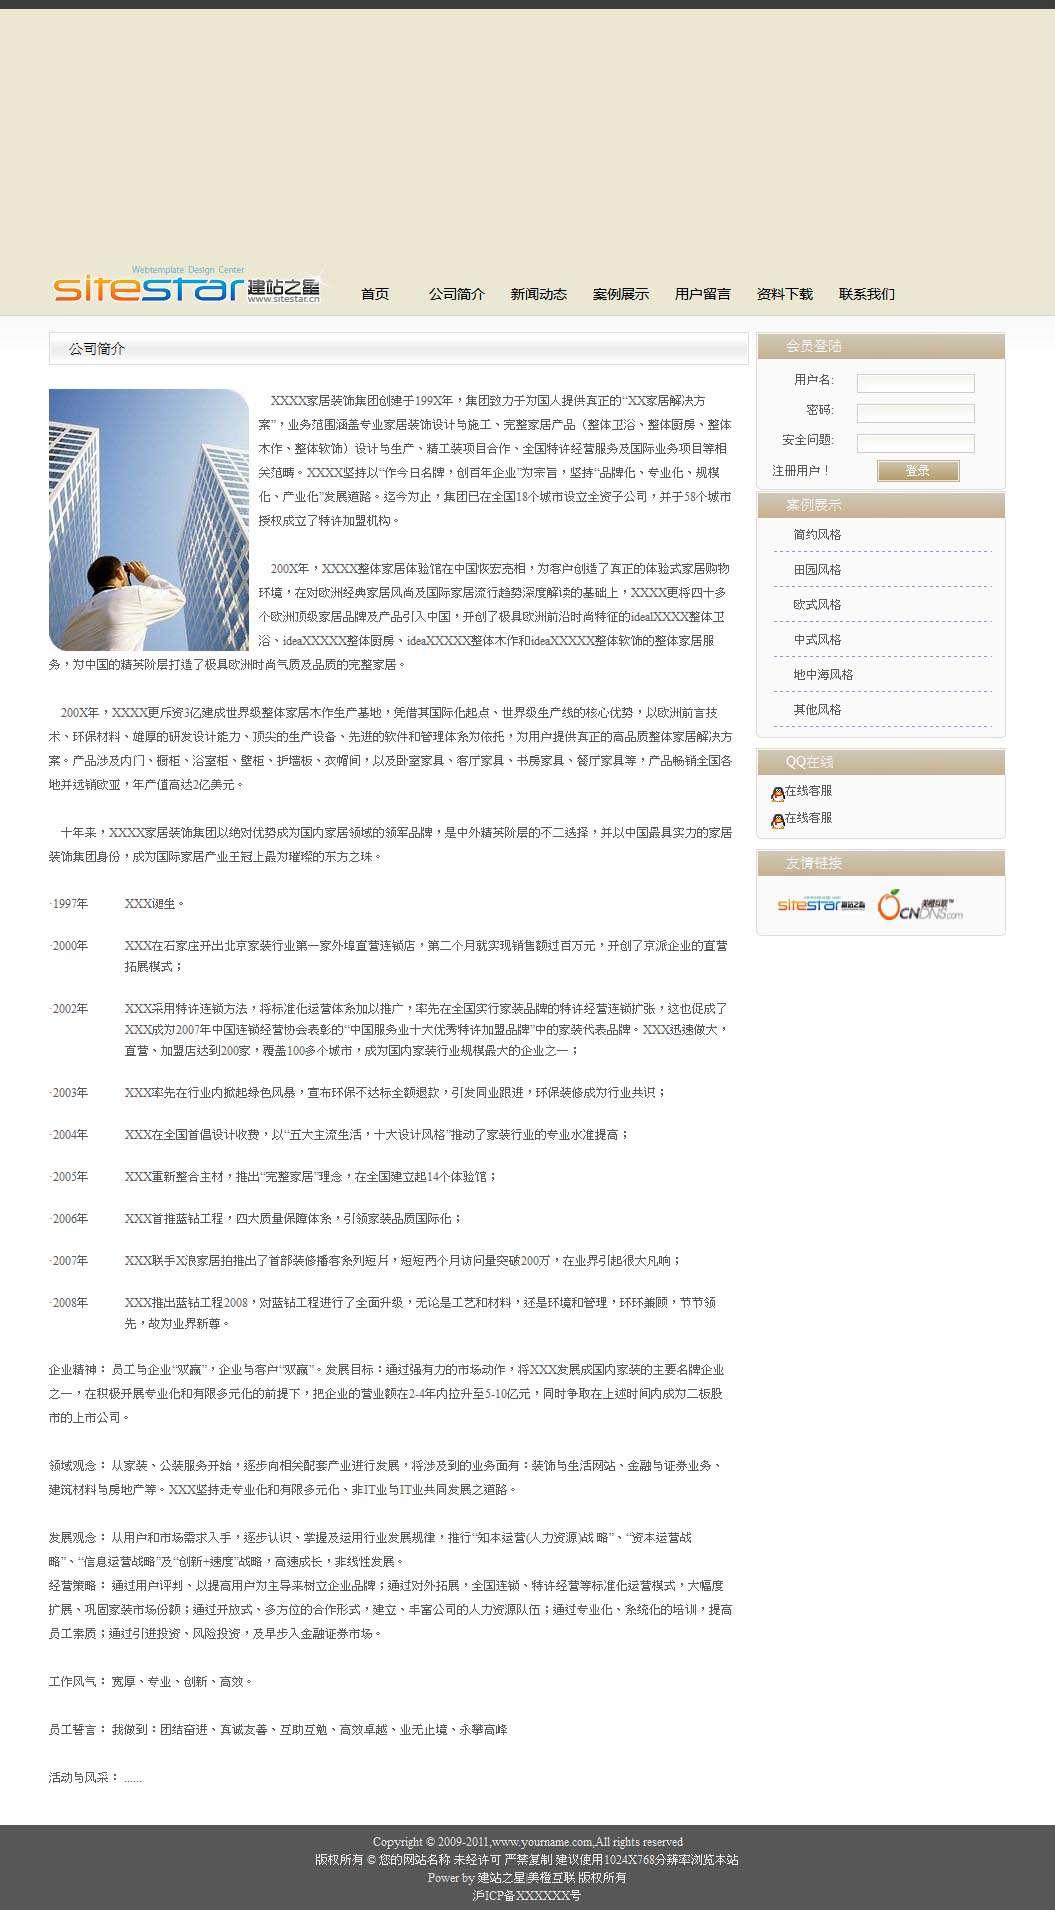 企业网站-设计A1模板关于我们页面